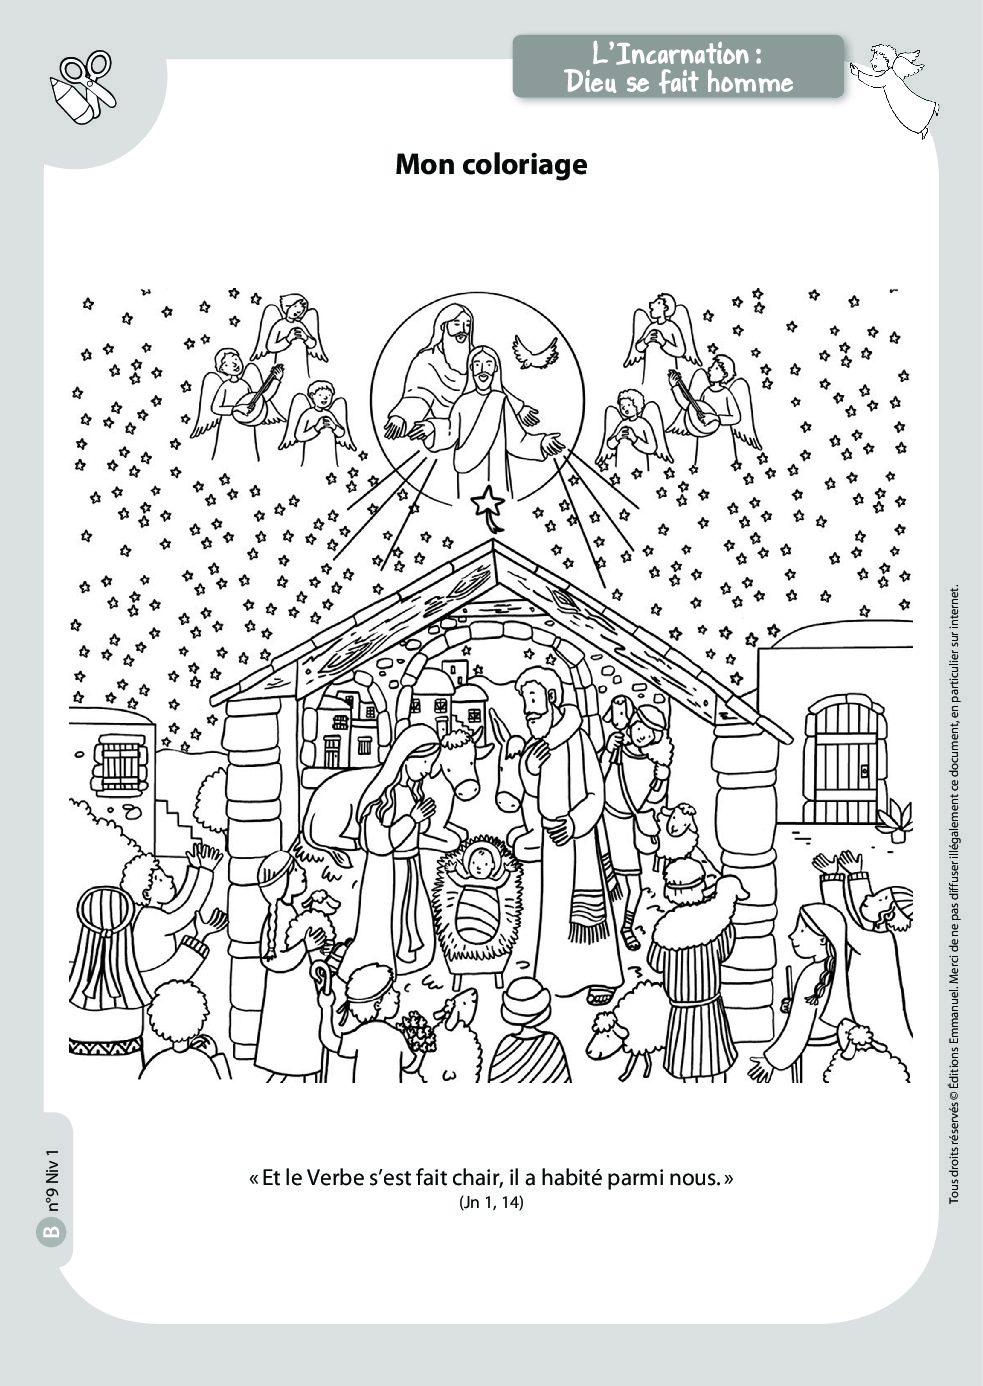 Mots Croisés De Noël - Catéchisme Emmanuel concernant Mots Croisés Noel